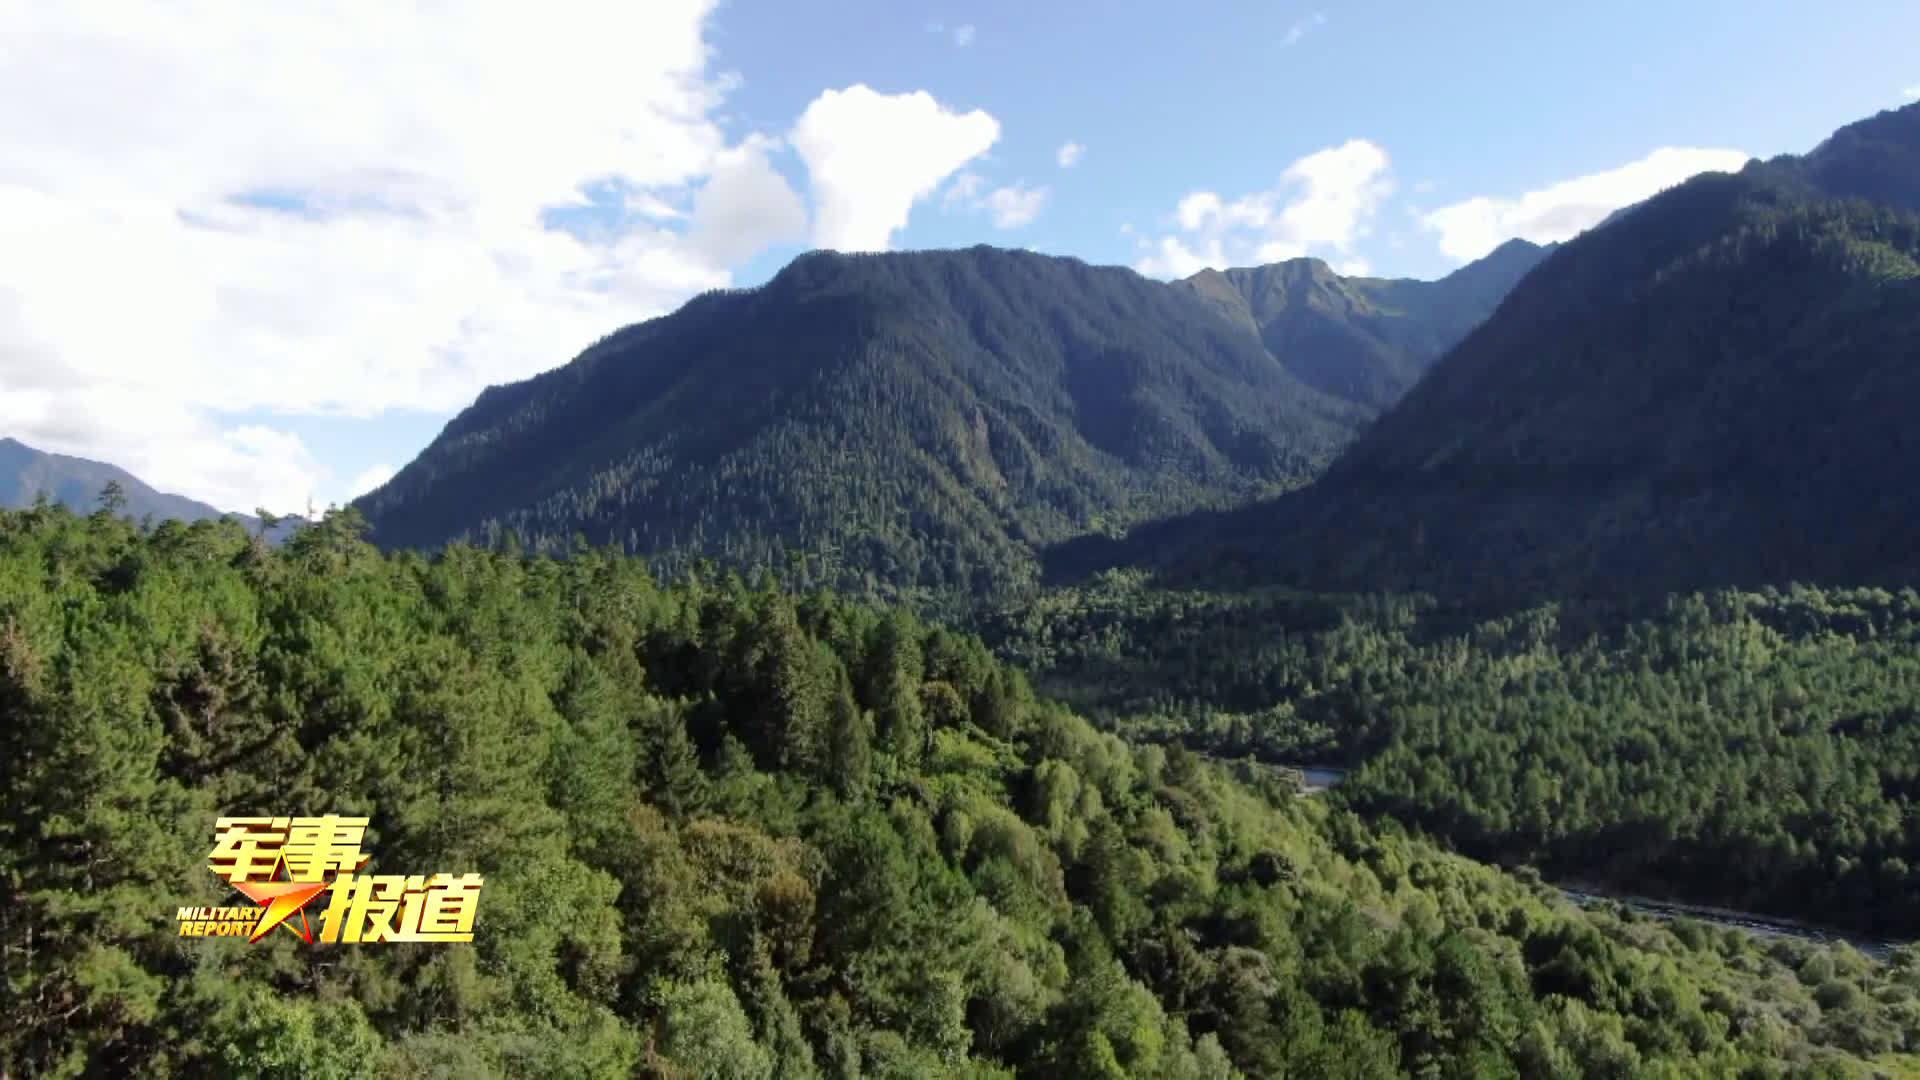 丛林搜索、岩壁索降、穿越沼泽、牵引横渡……西藏林芝军分区近日把侦